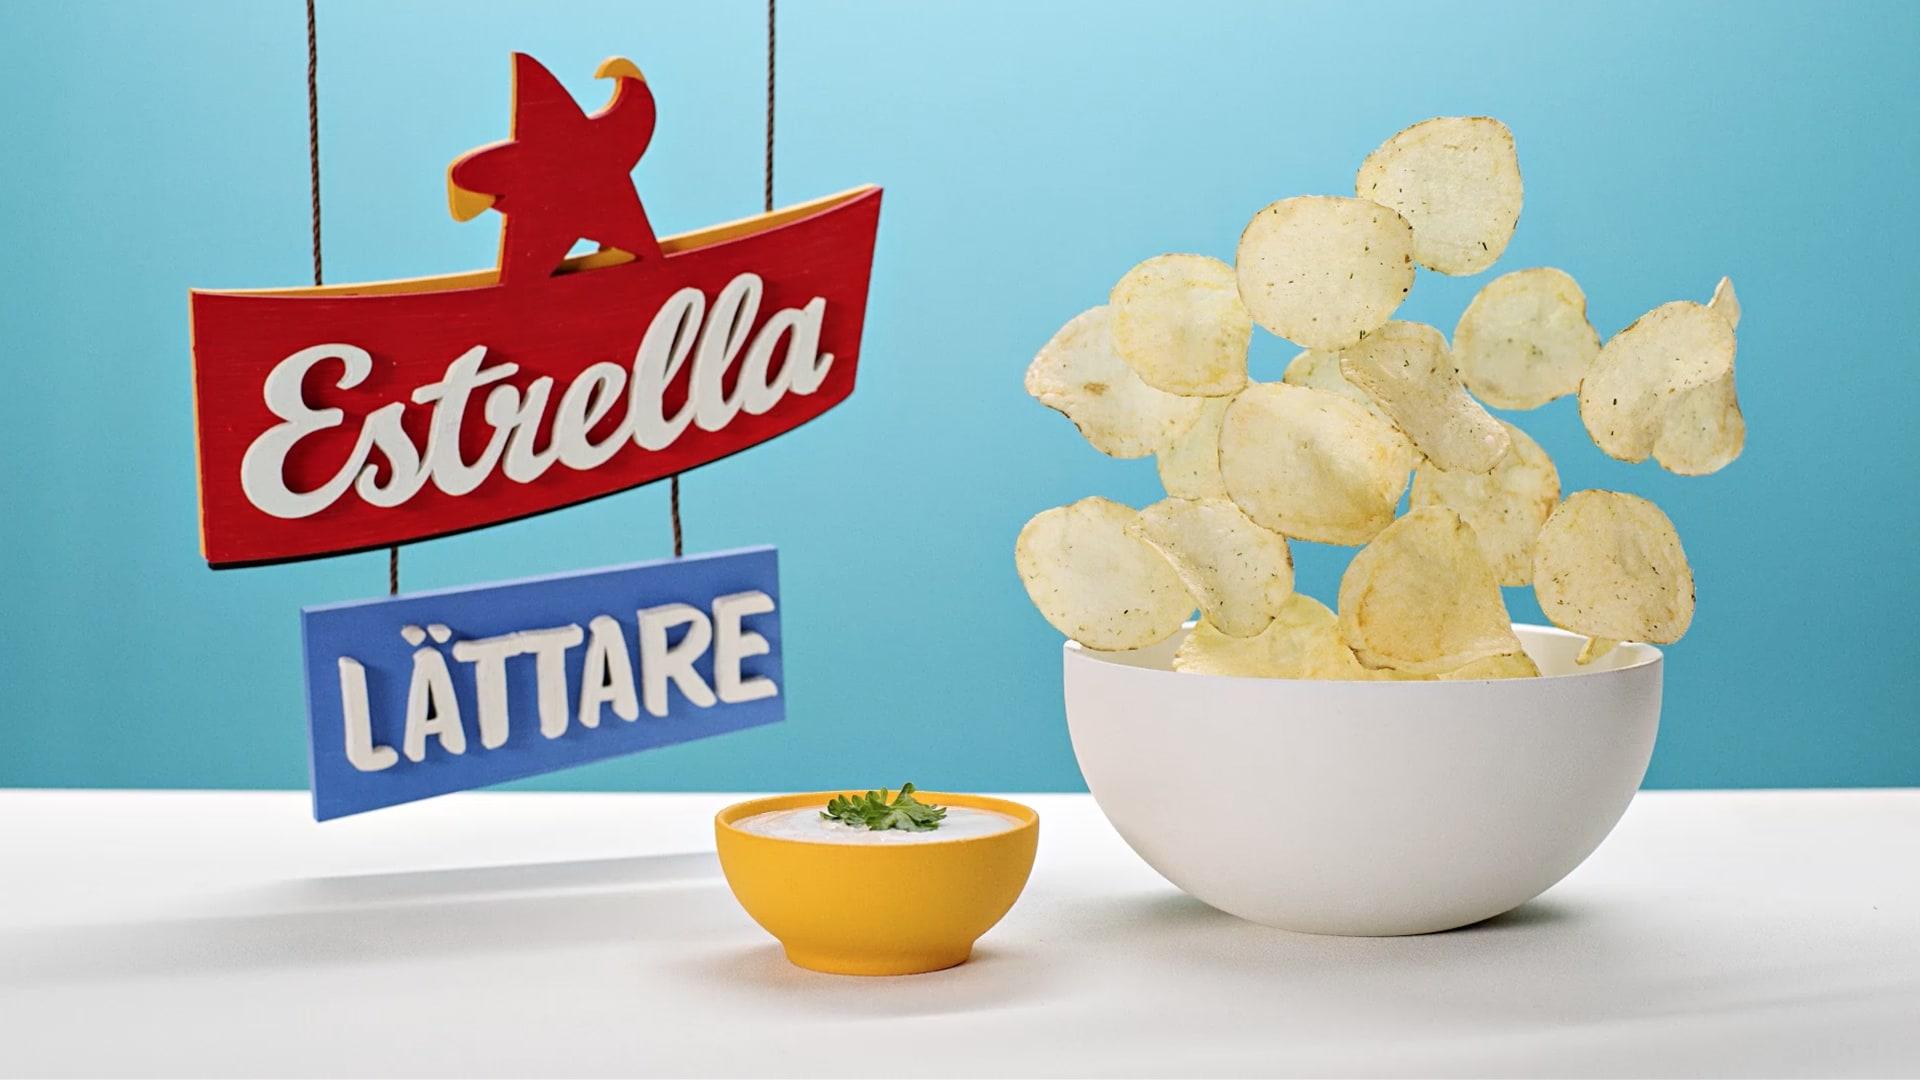 Fotografi visandes Chips skål från animerad reklamfilm